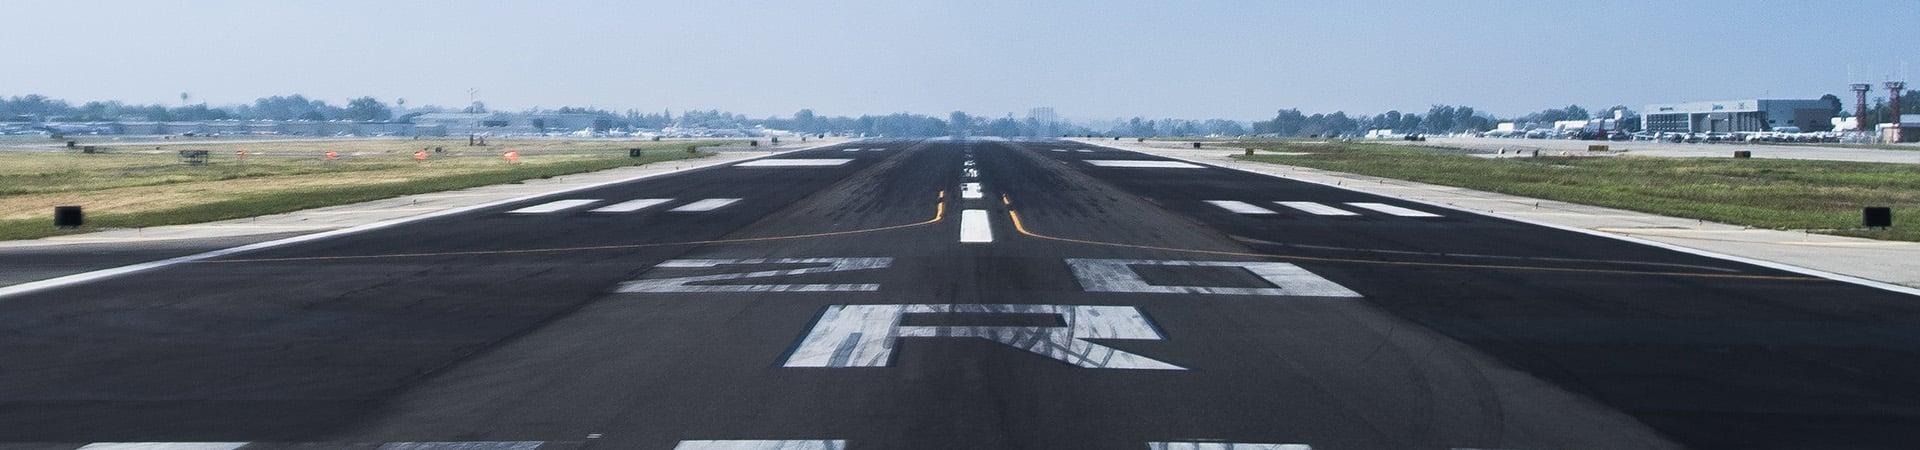 airplane-runway_wide